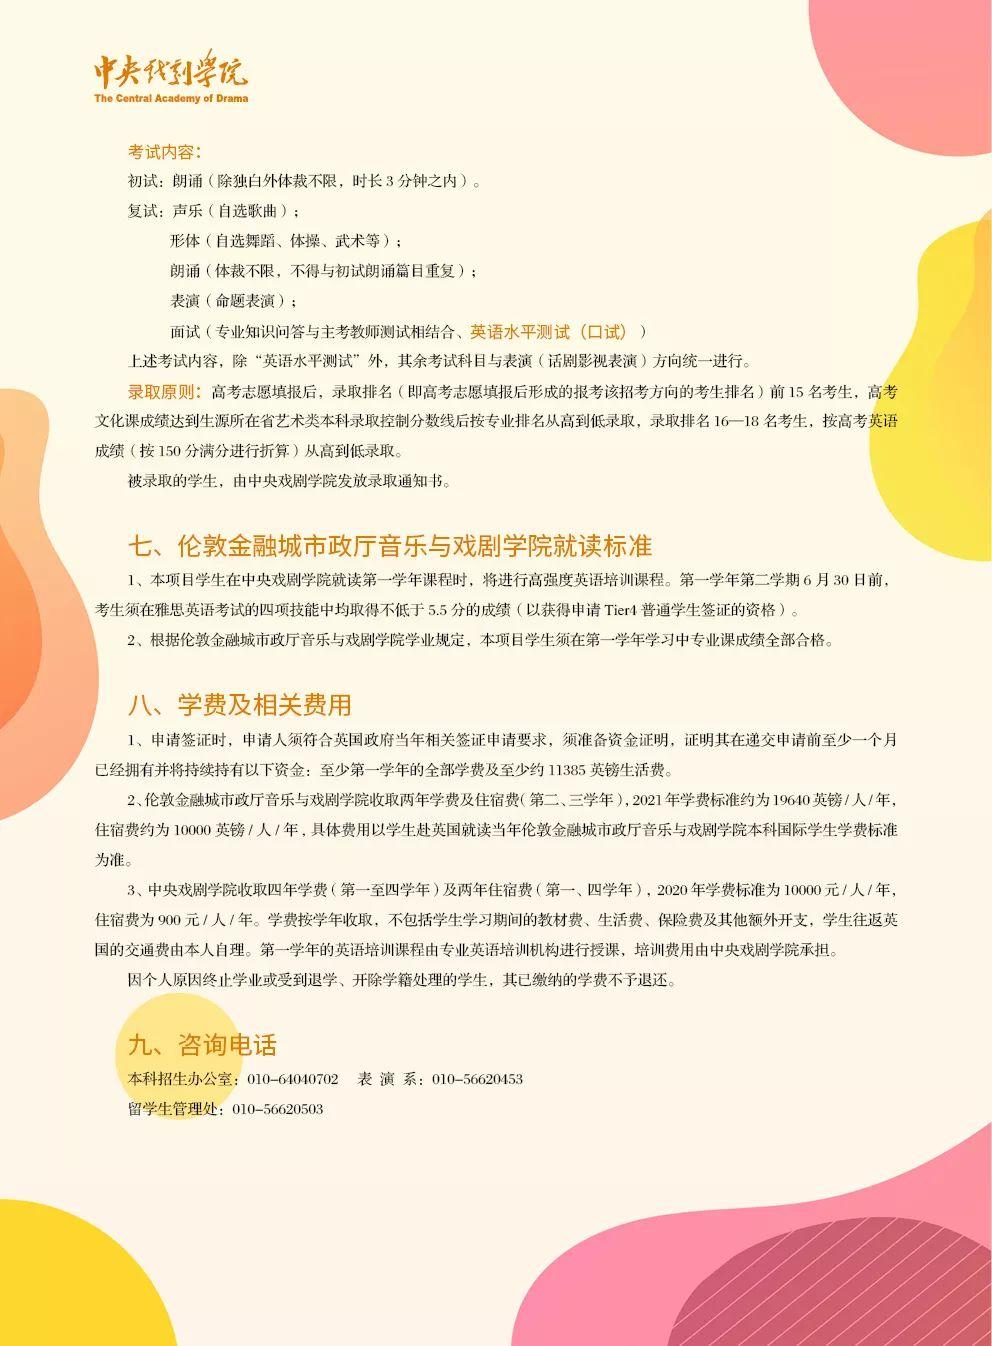 中国传媒大学,北京电影学院,中央戏剧学院,北京巅峰广艺画室       52